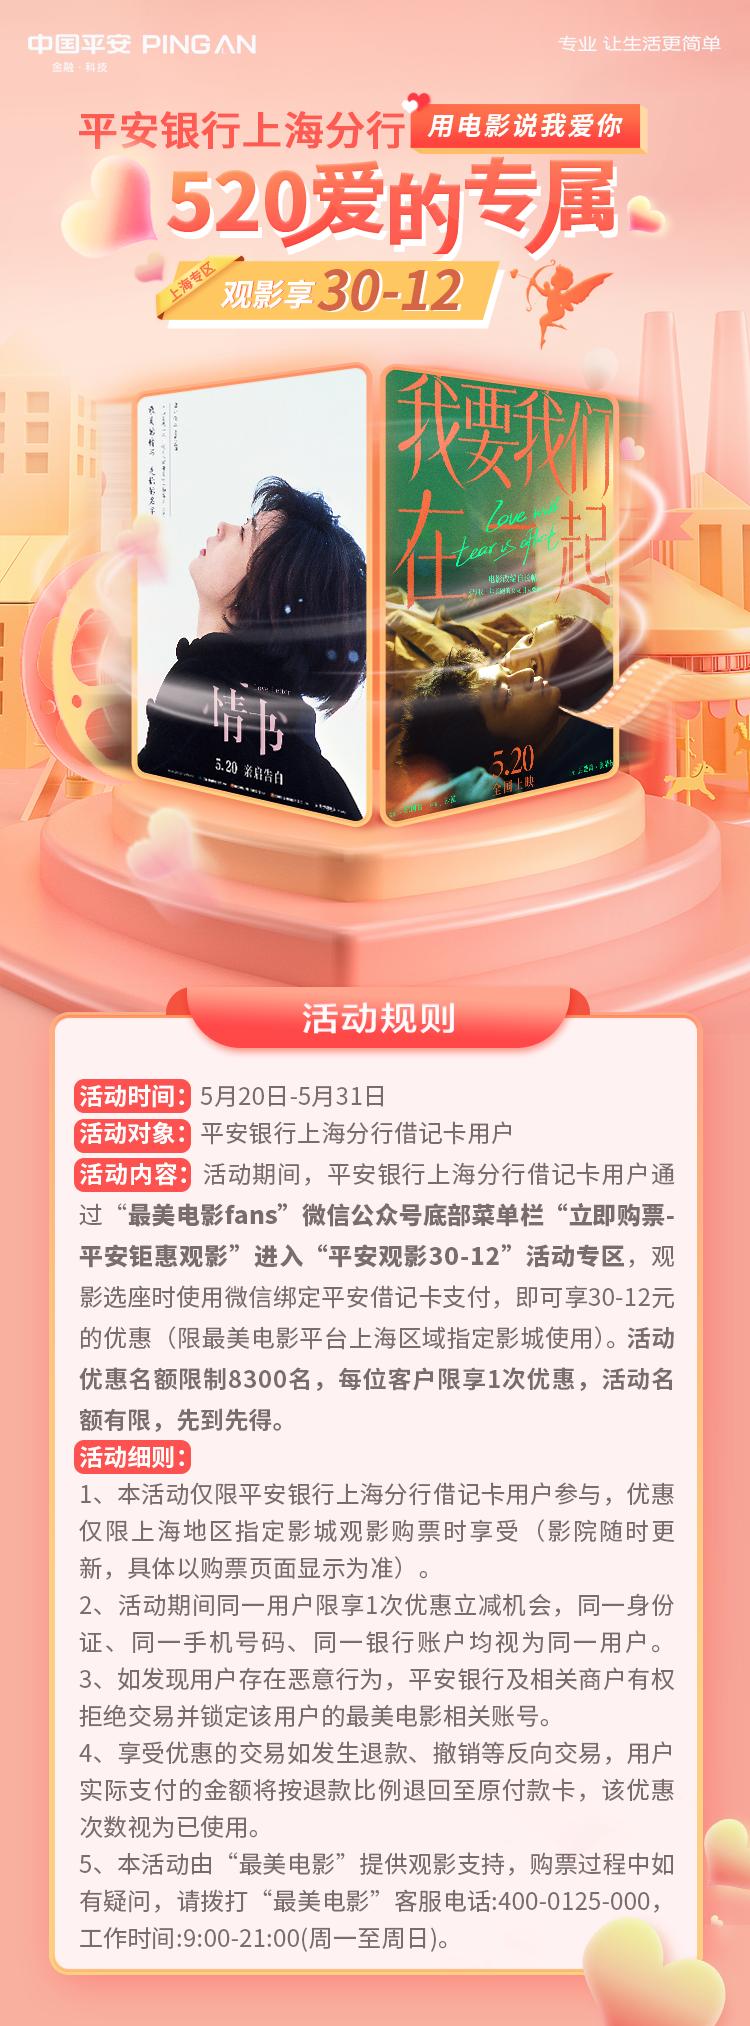 520平安上海